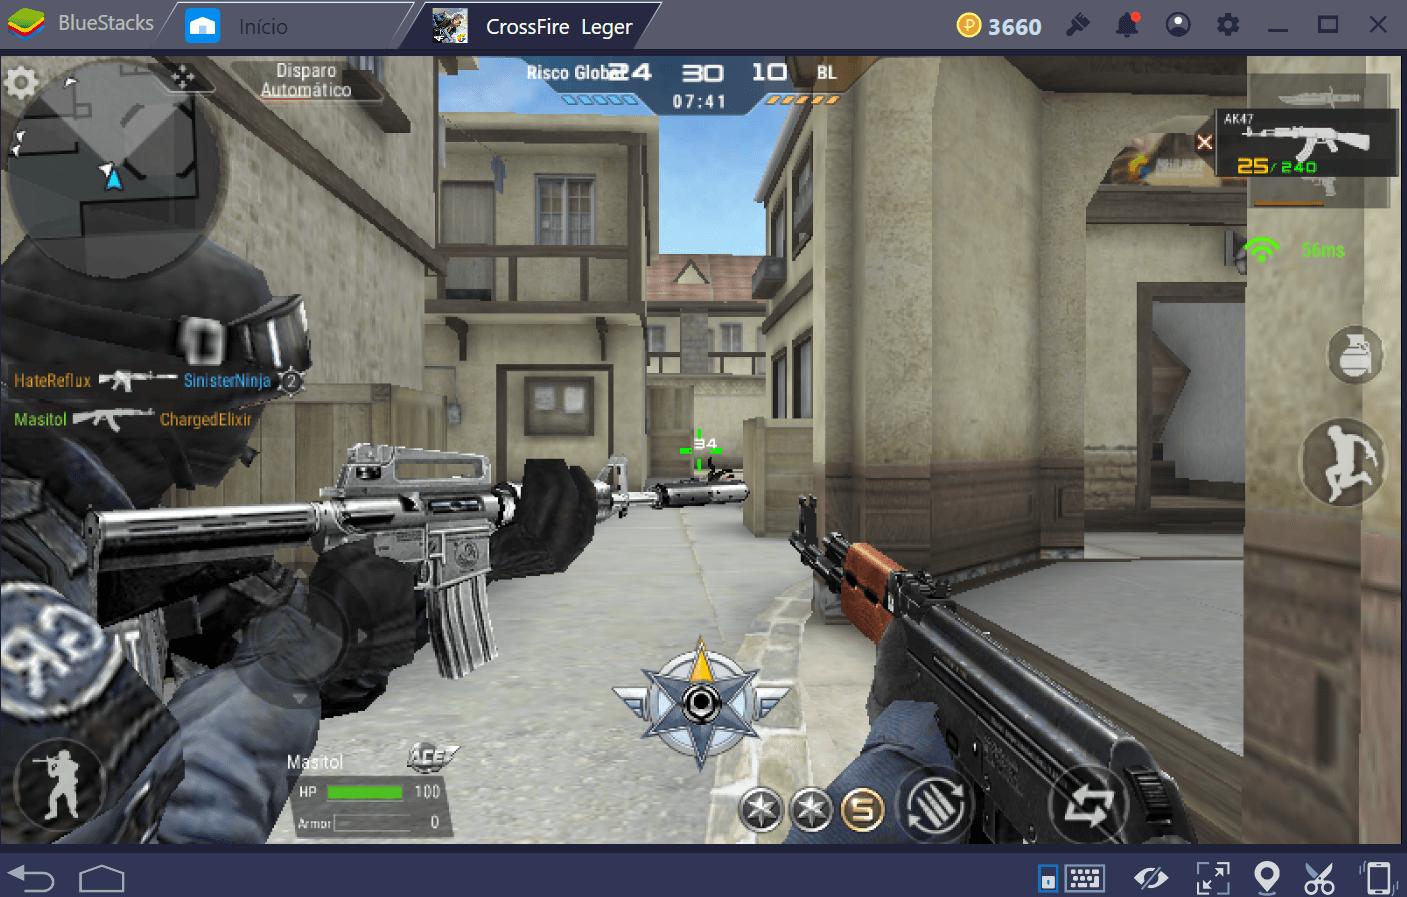 Acabe com os inimigos jogando FPS games no novo BlueStacks 4!